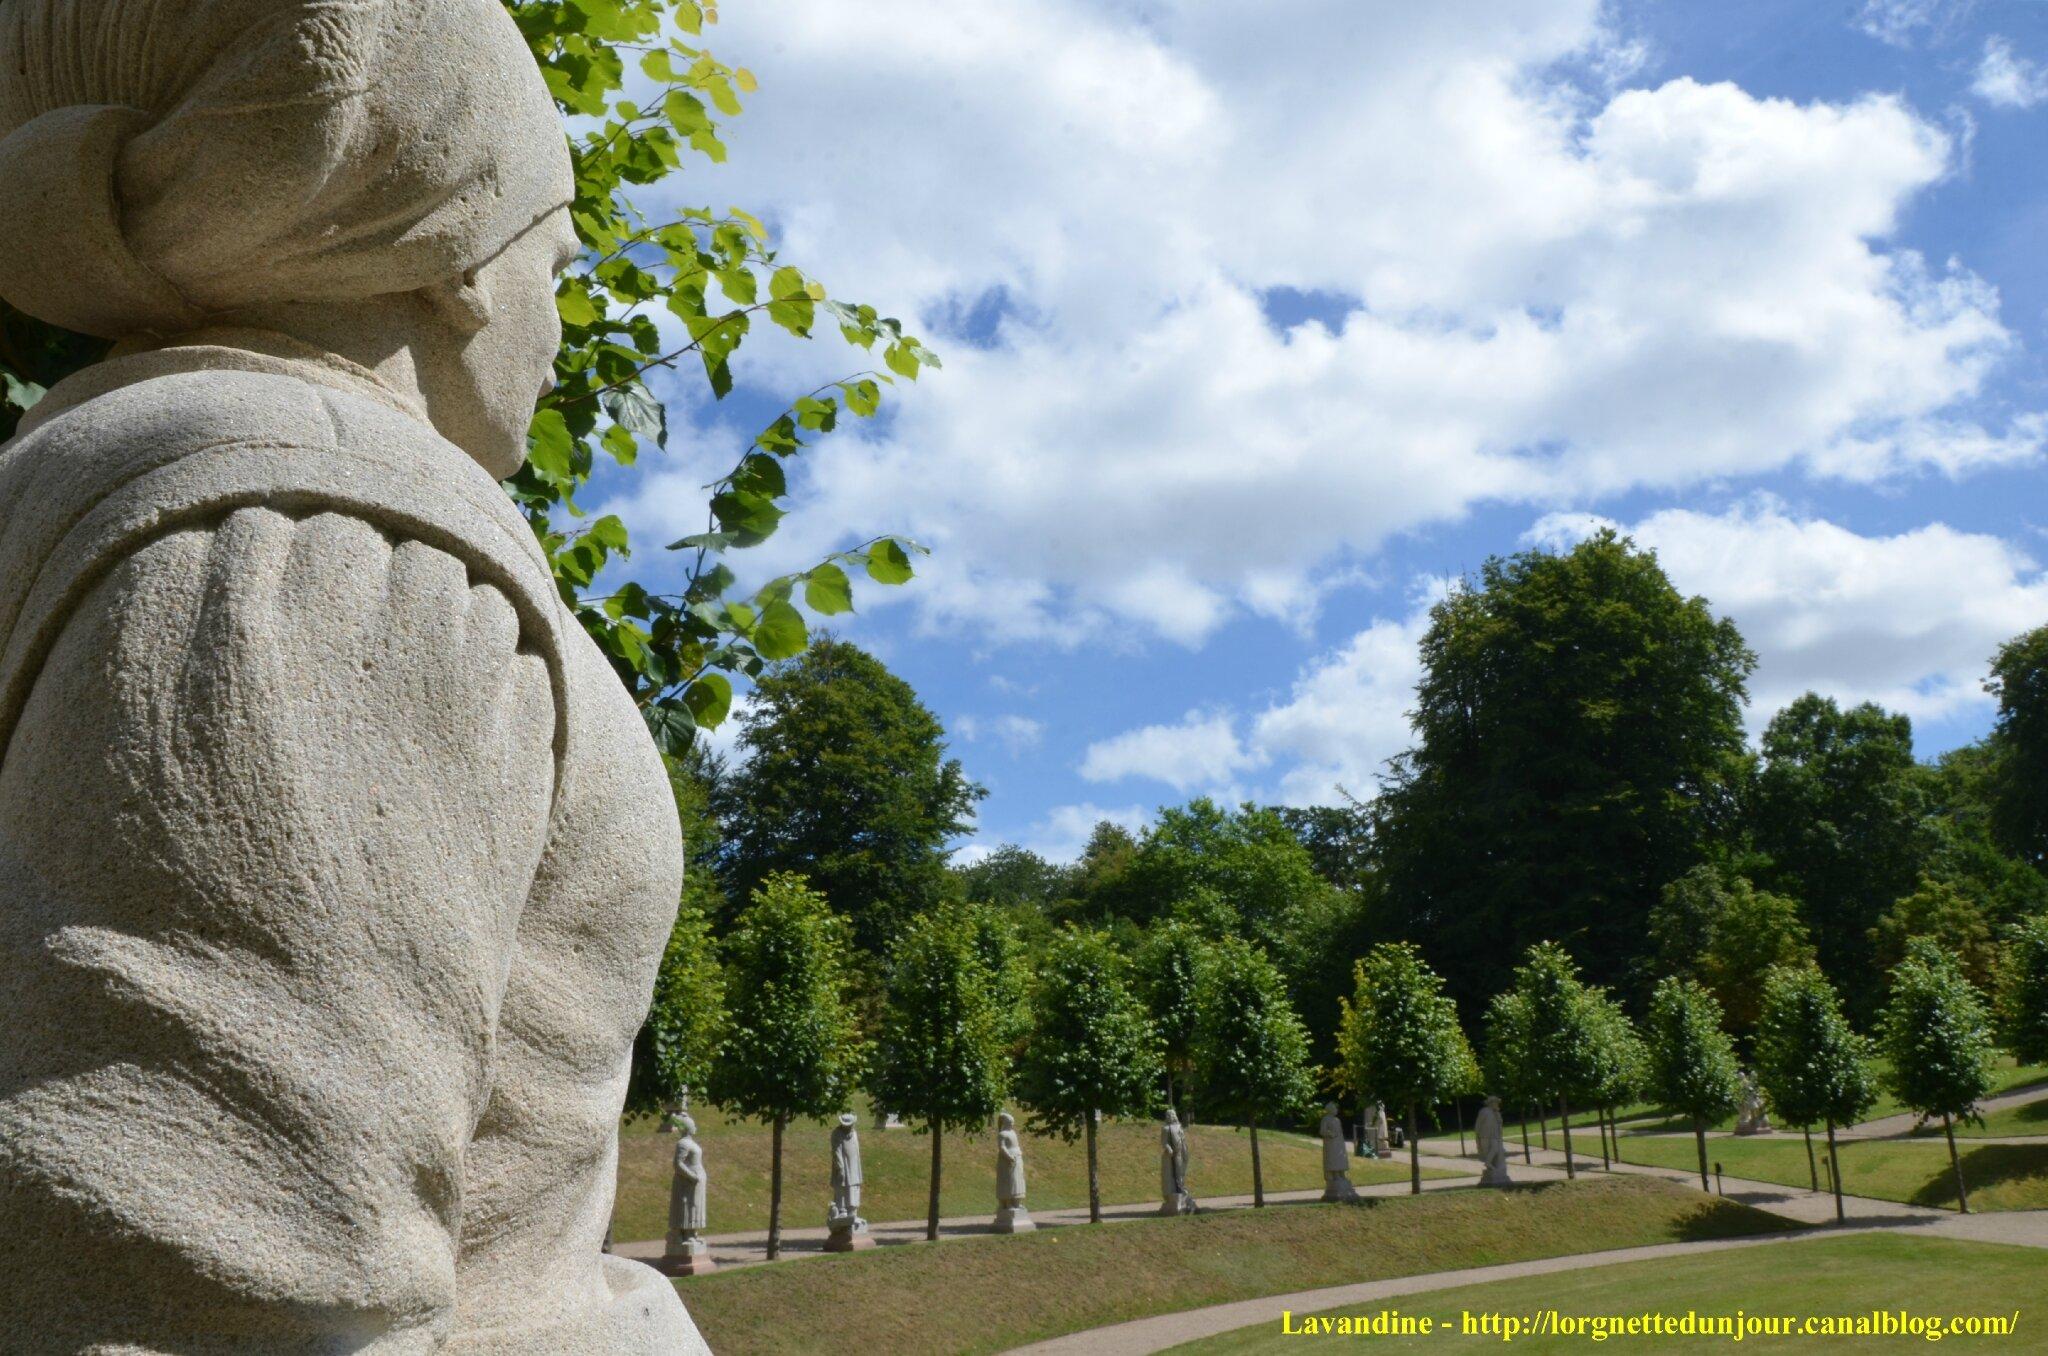 07/11/14 : Les jardins et les statues au château de Fredensborg